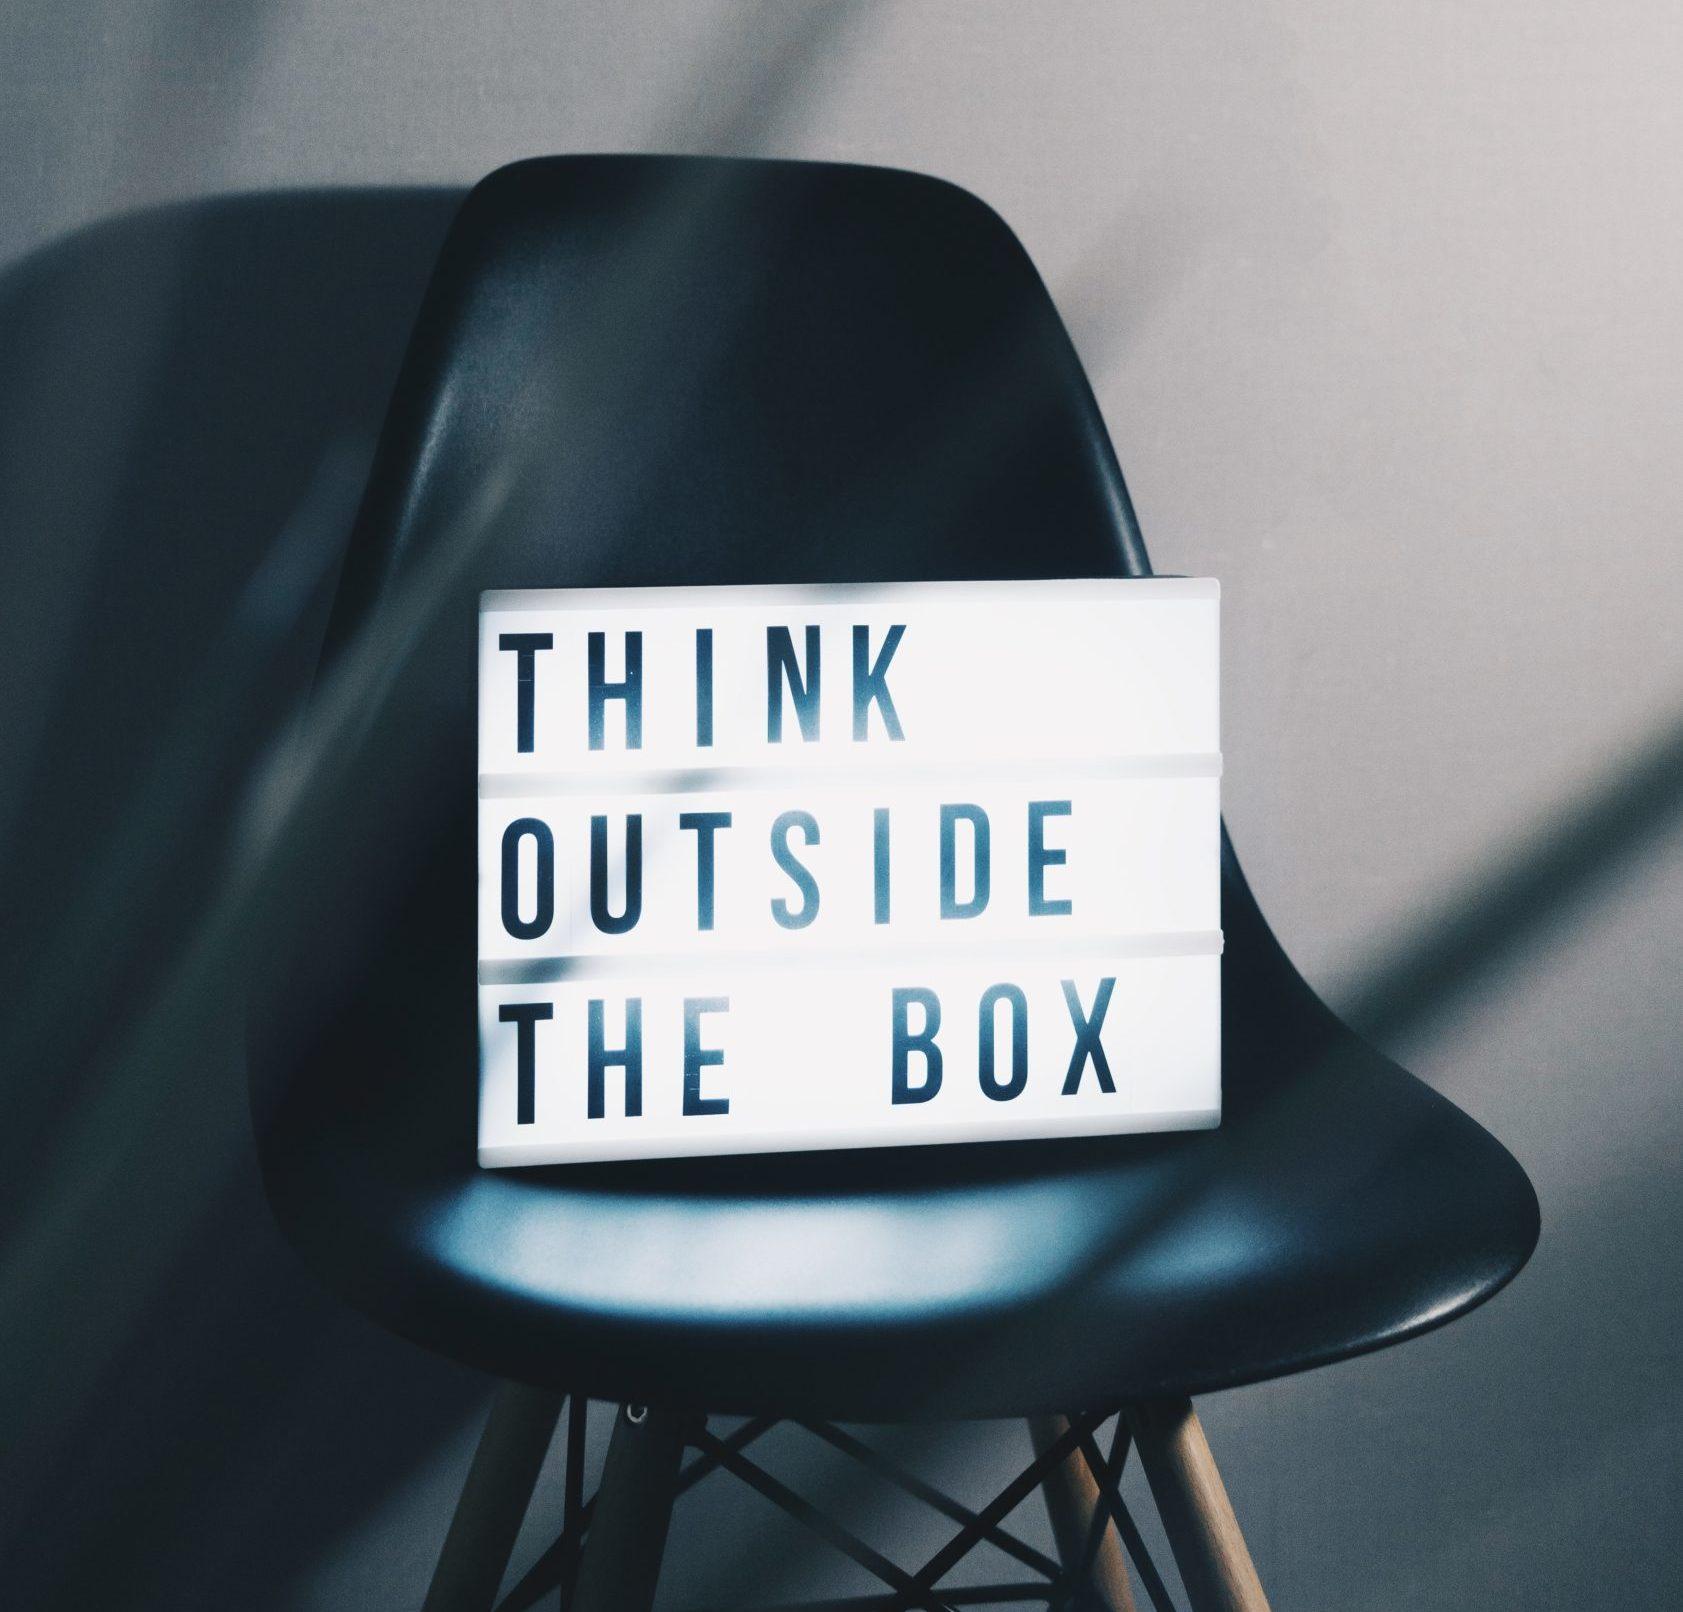 Le consultant aide à penser en dehors du cadre